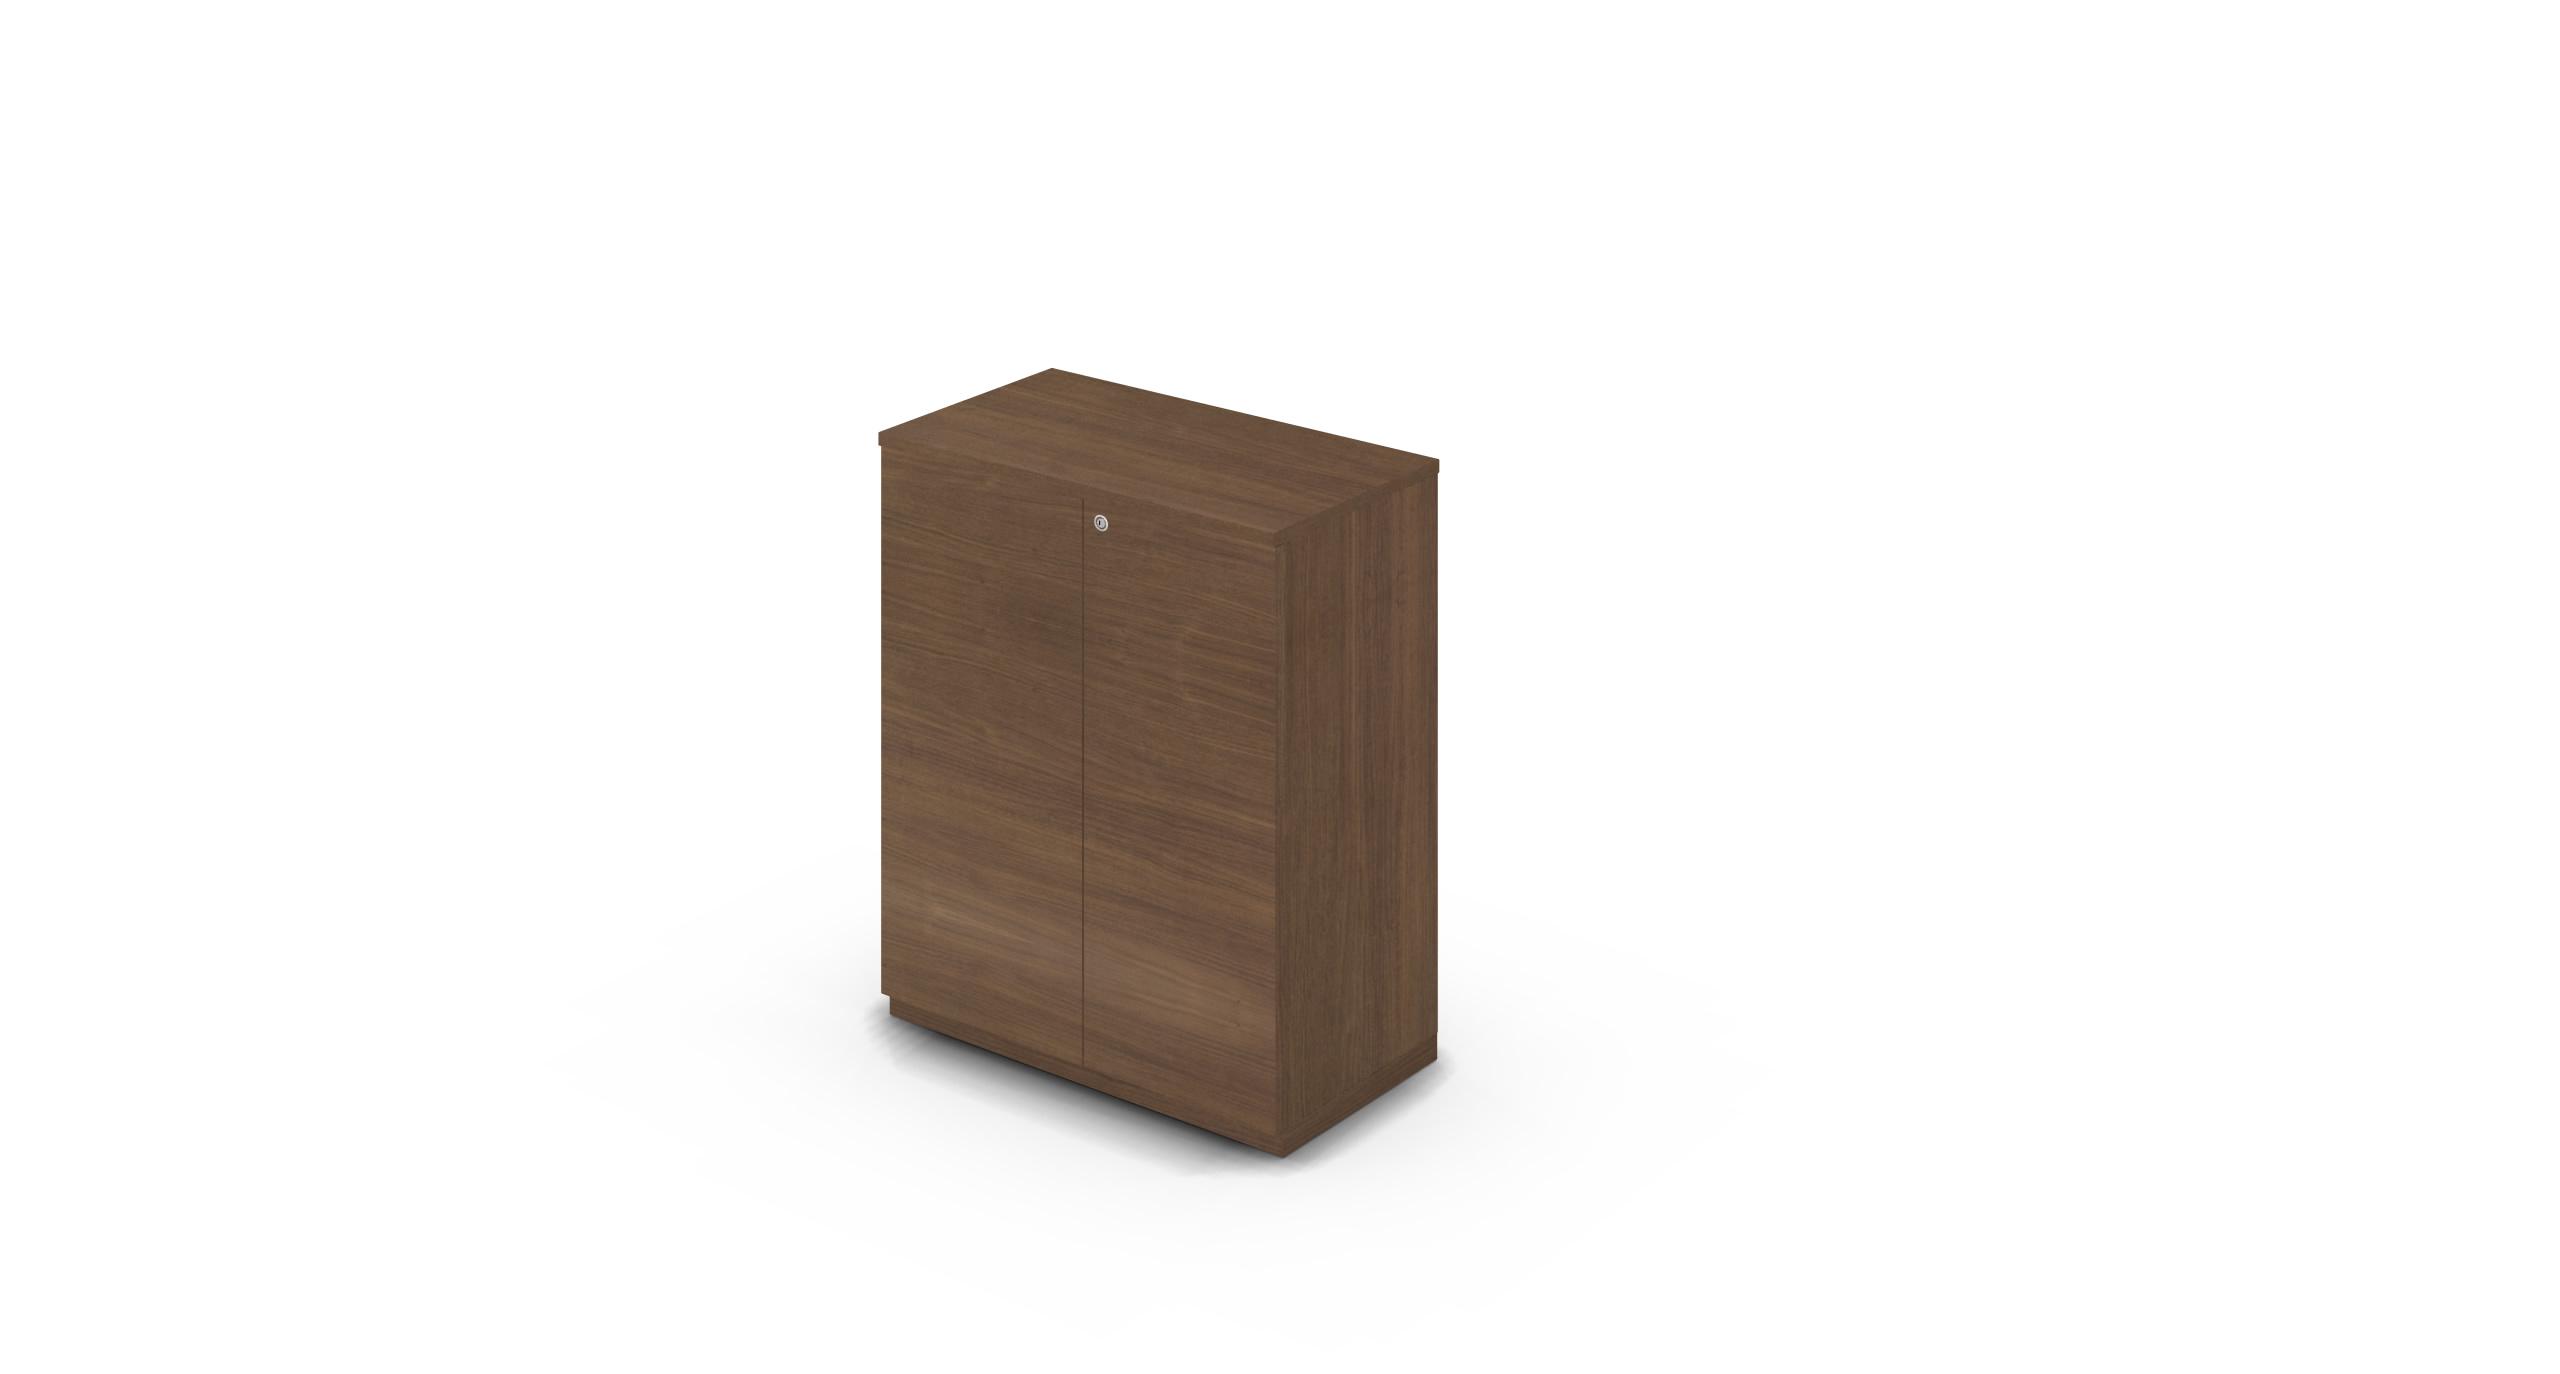 Cabinet_800x450x1125_HD_Walnut_Push_WithCylinder